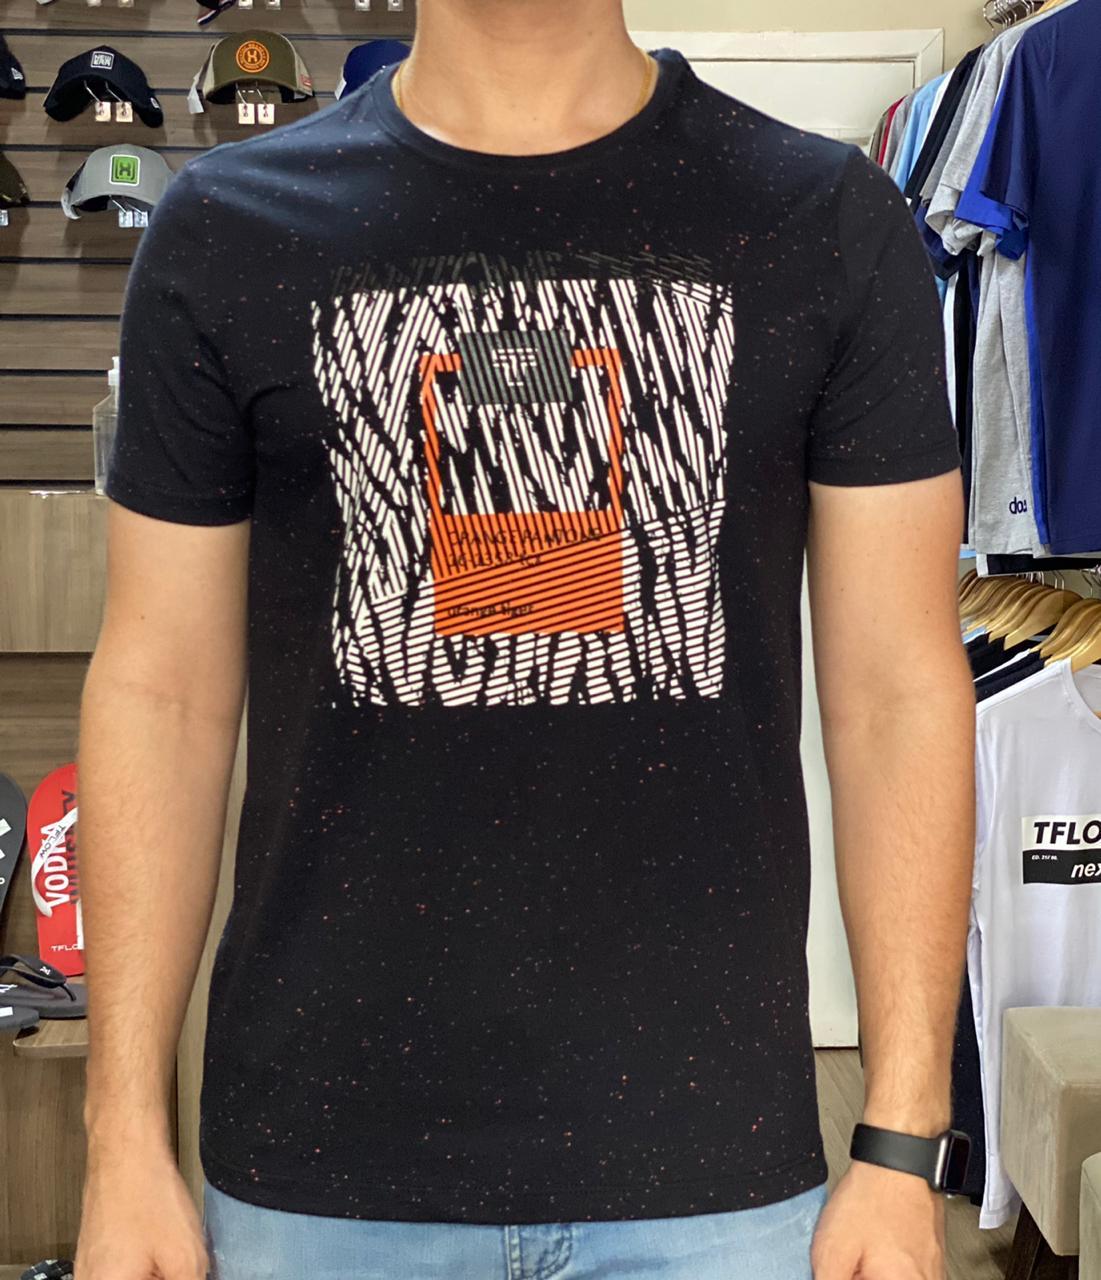 Camiseta Masculina Tflow Pantone Tiger Algodão Estampada - Preto